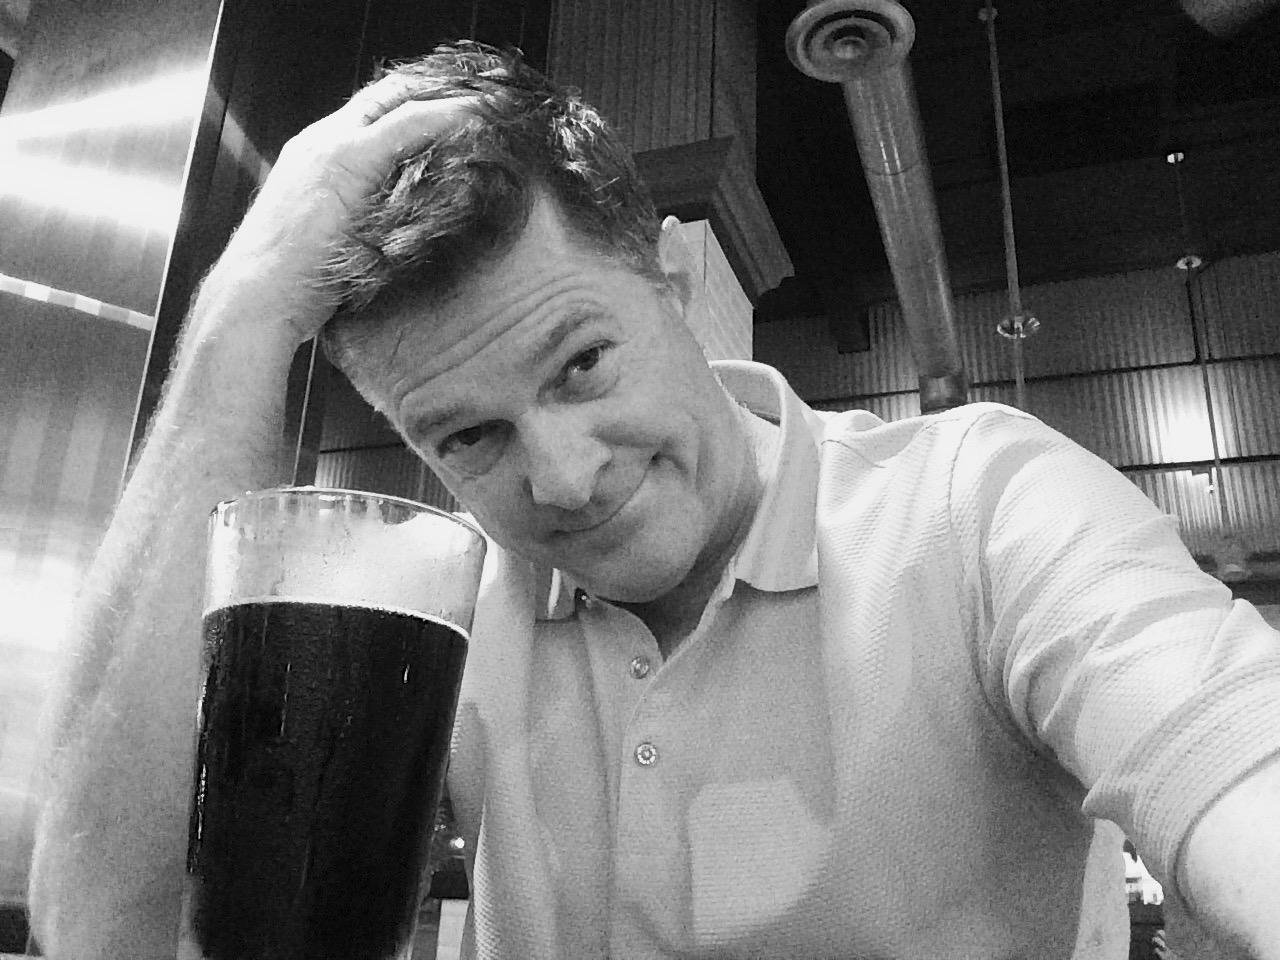 Martin_beer_kindredspirits_spiritedtable_photo1.jpg